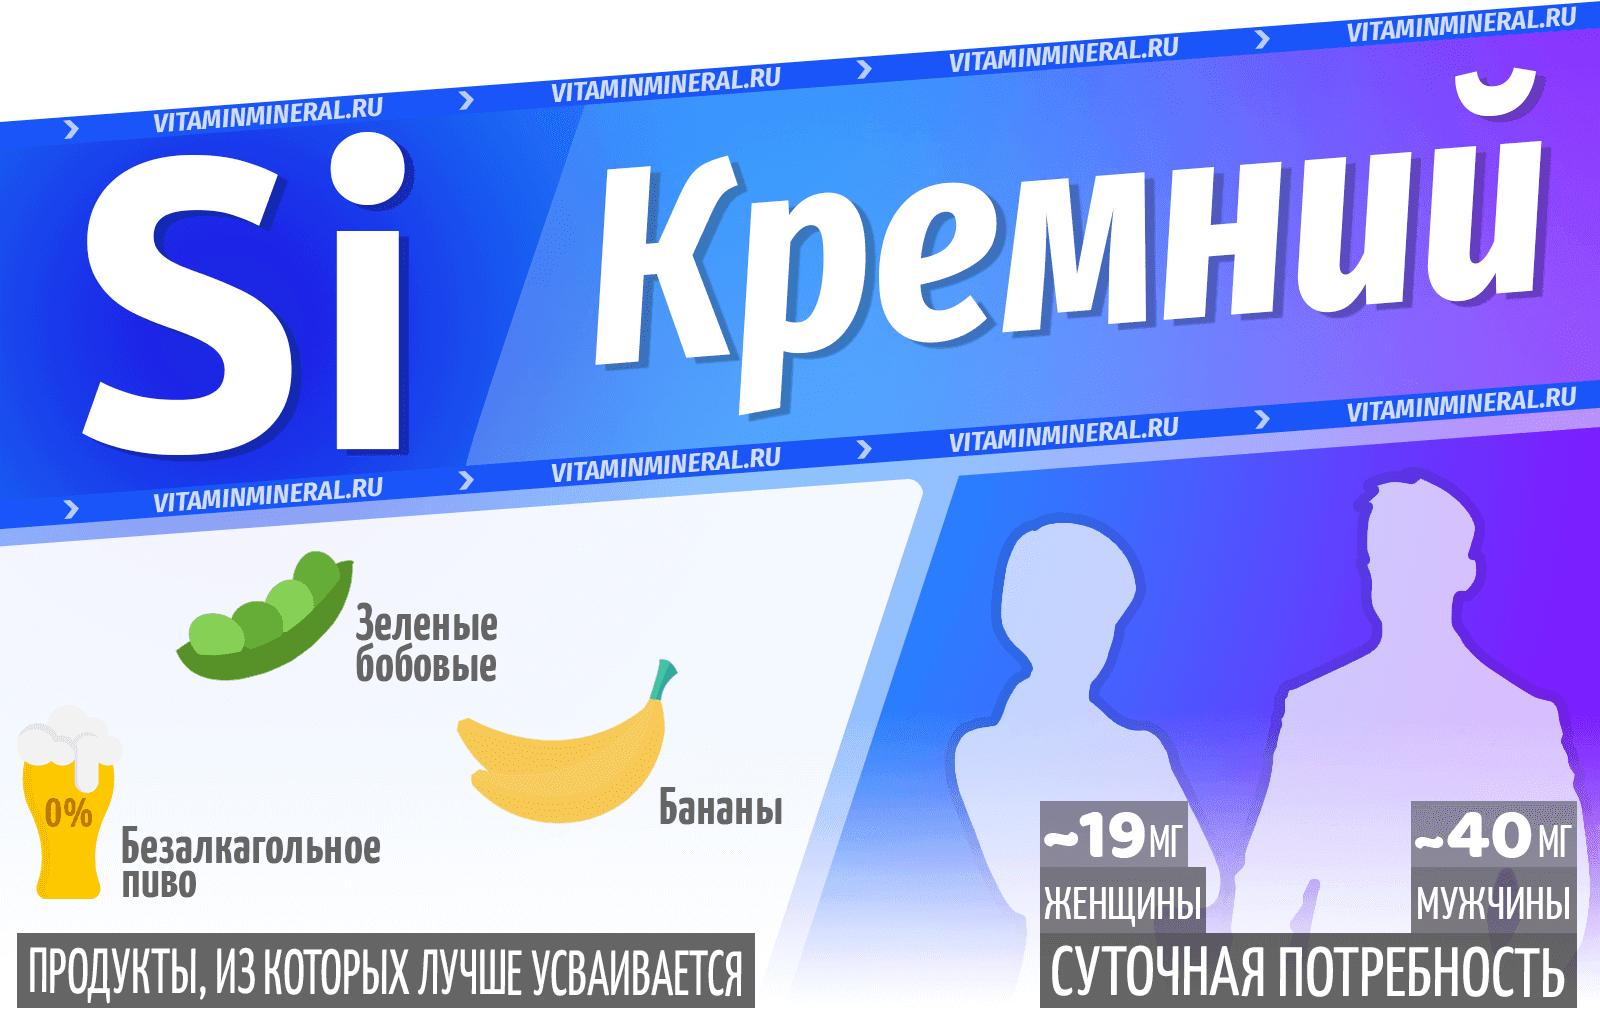 Кремний — инфографика